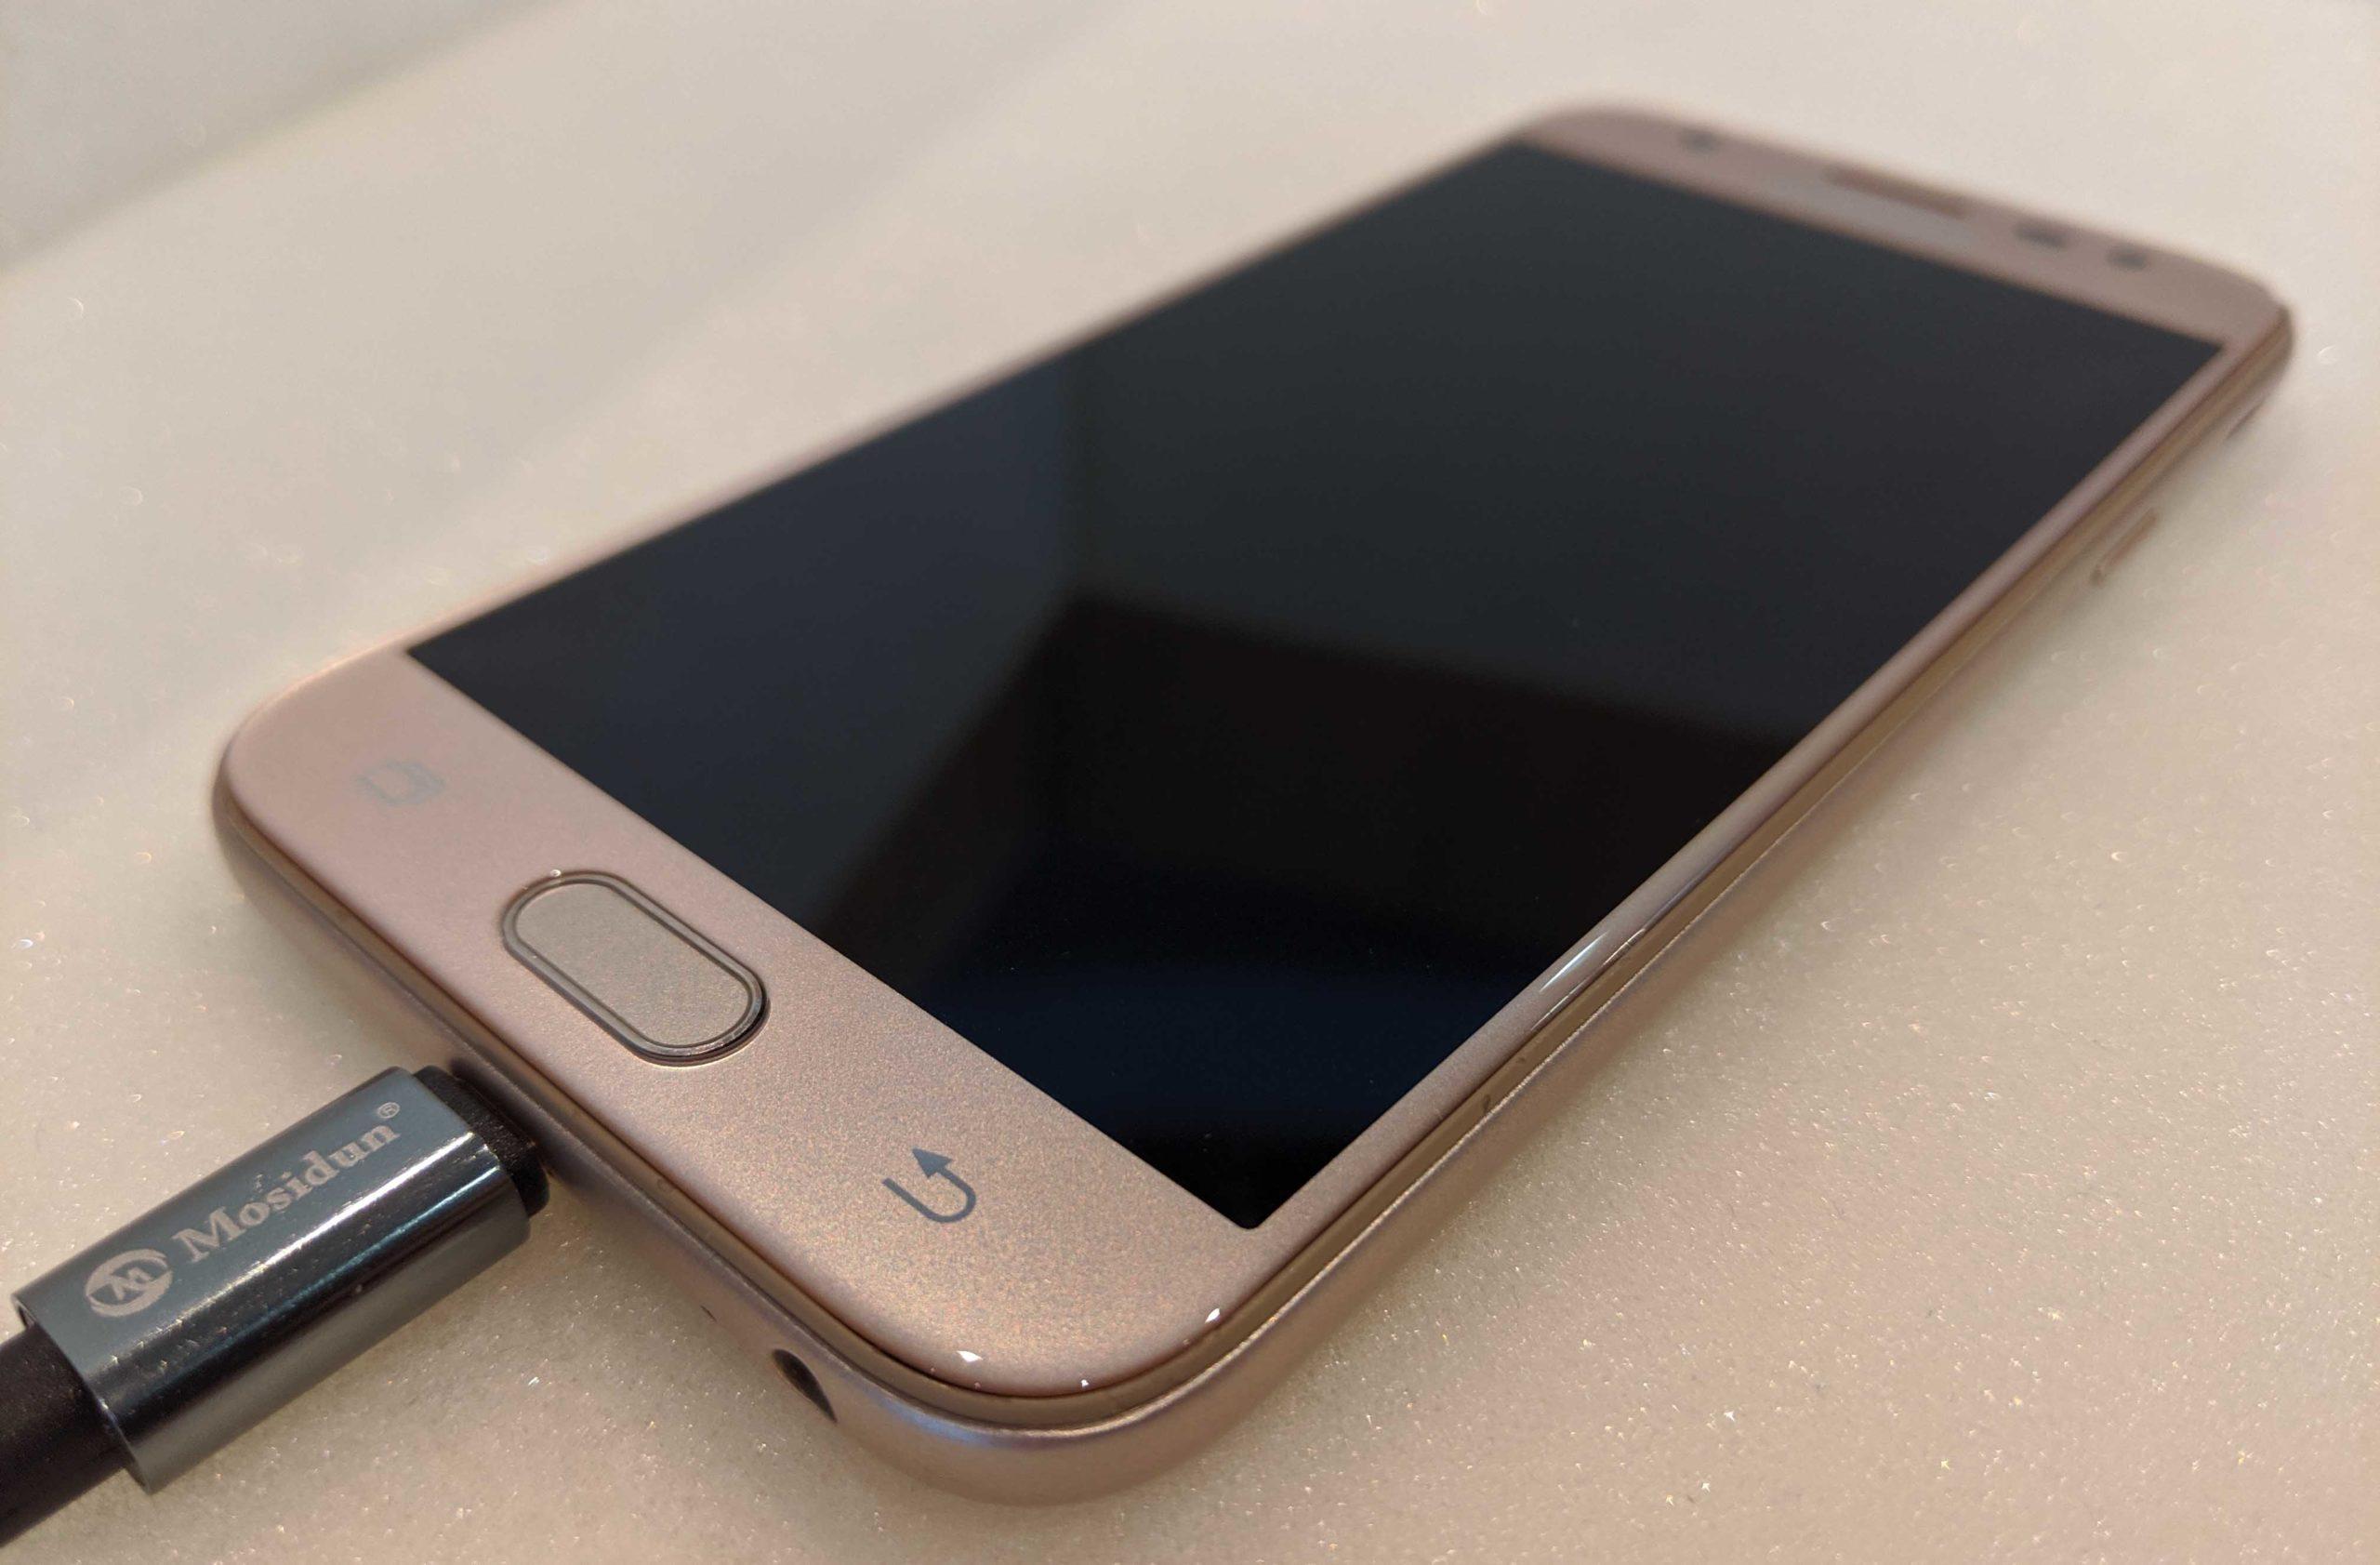 Vérifier la réparabilité d'un smartphone avant de l'acheter